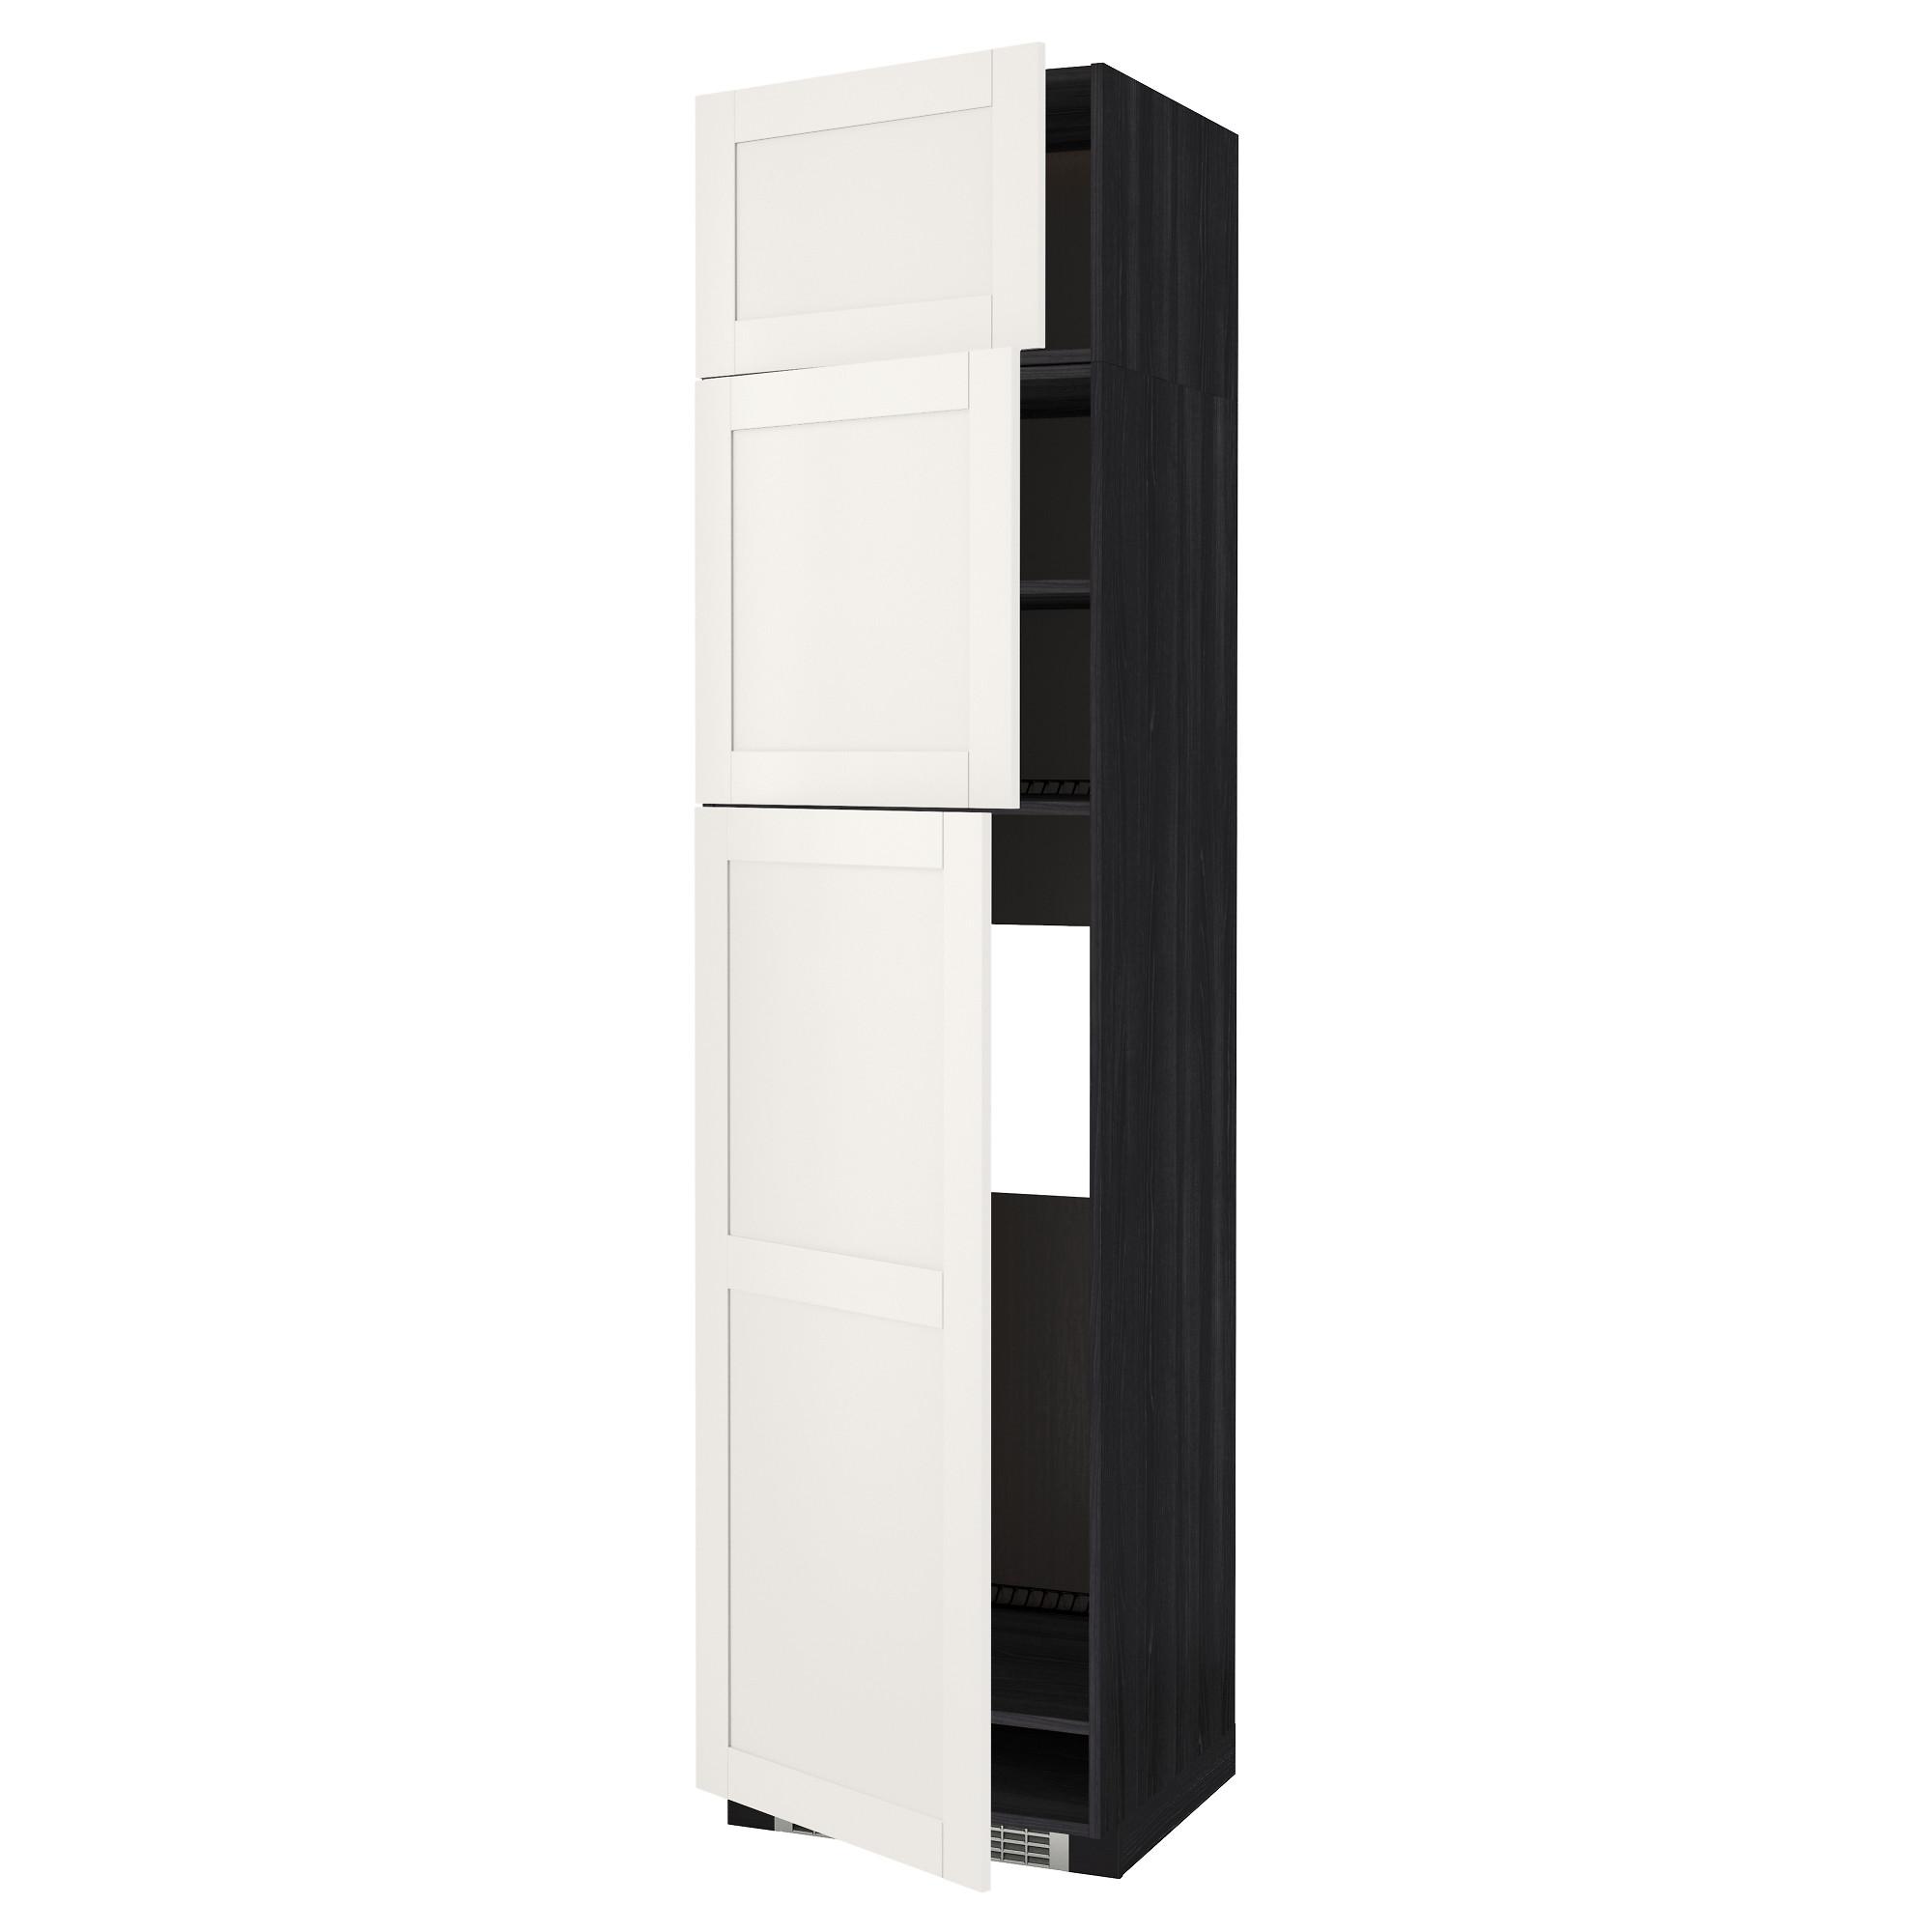 Высокий шкаф для холодильника, 3 дверцы МЕТОД черный артикуль № 392.232.88 в наличии. Интернет сайт IKEA РБ. Недорогая доставка и монтаж.